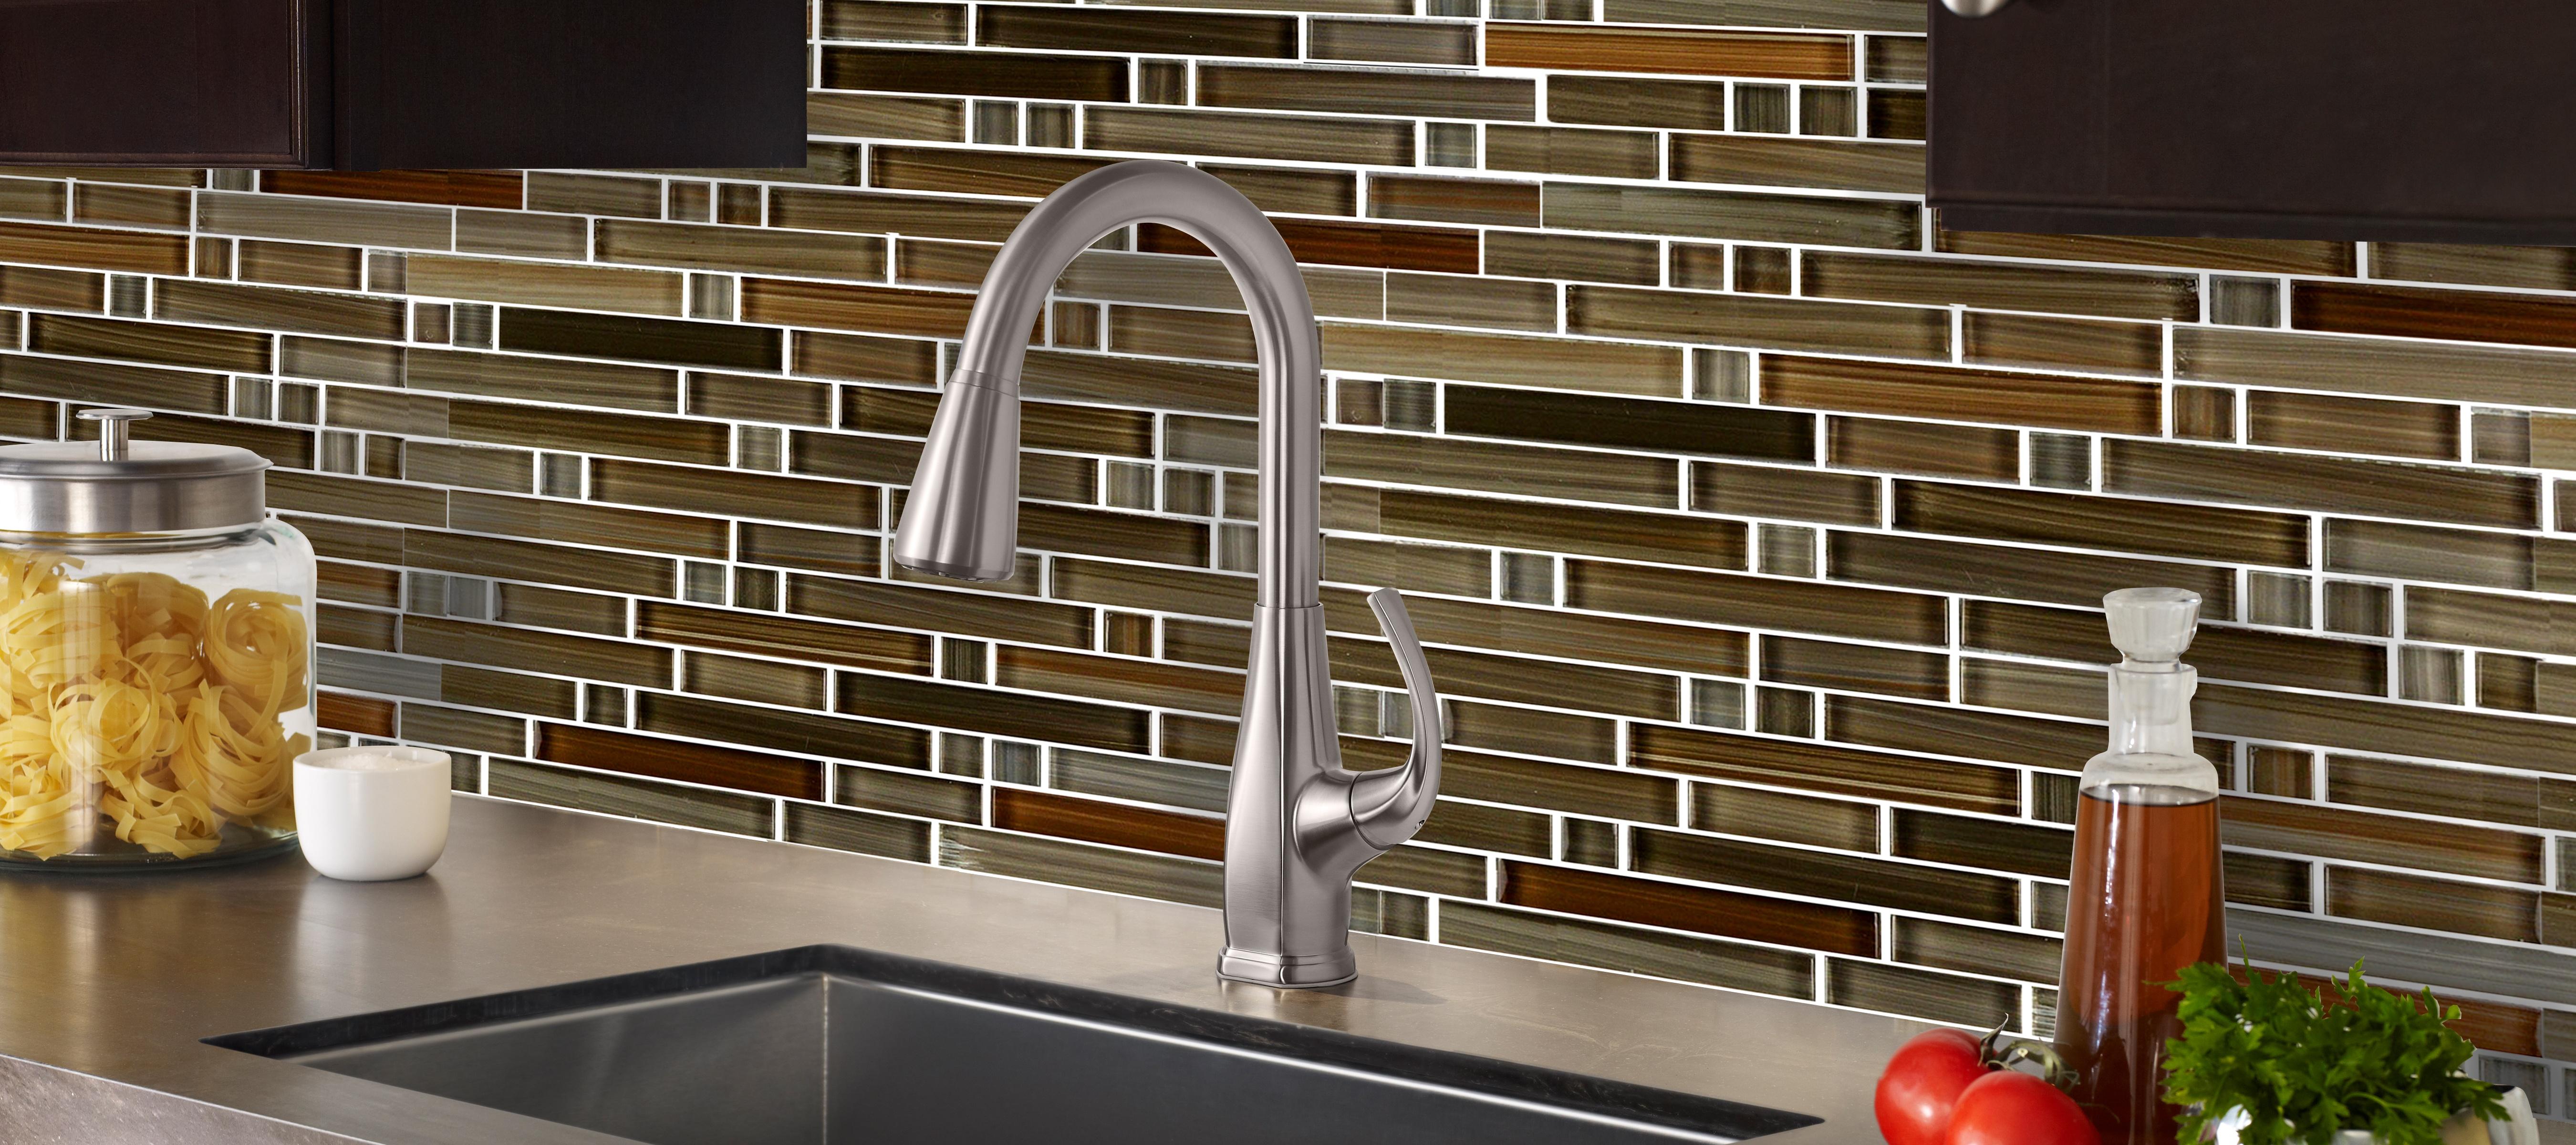 - Handicraft II 11.75 In X 11.75 In Glass Linear Mosaic In SANTA FE